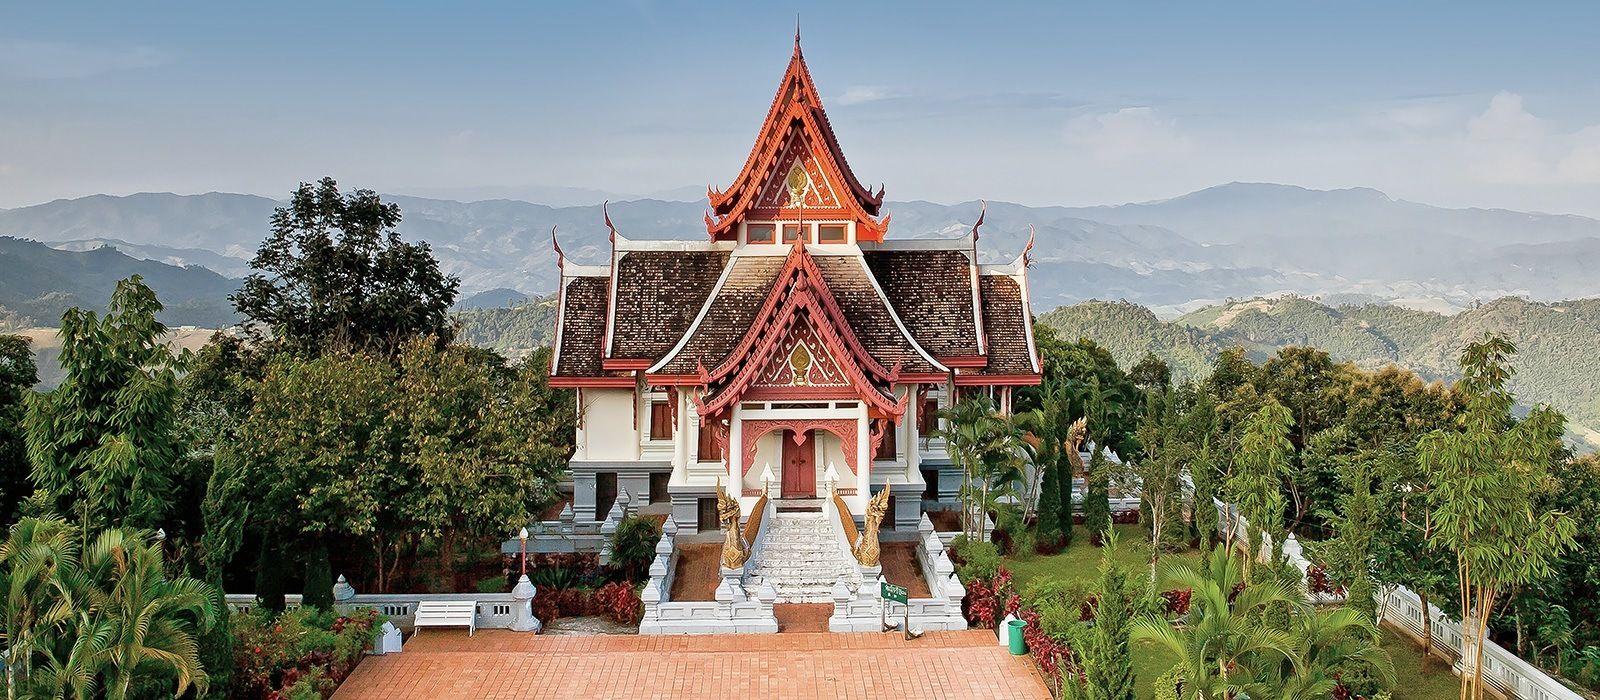 Staunen, shoppen und sonnen in Thailand Urlaub 1